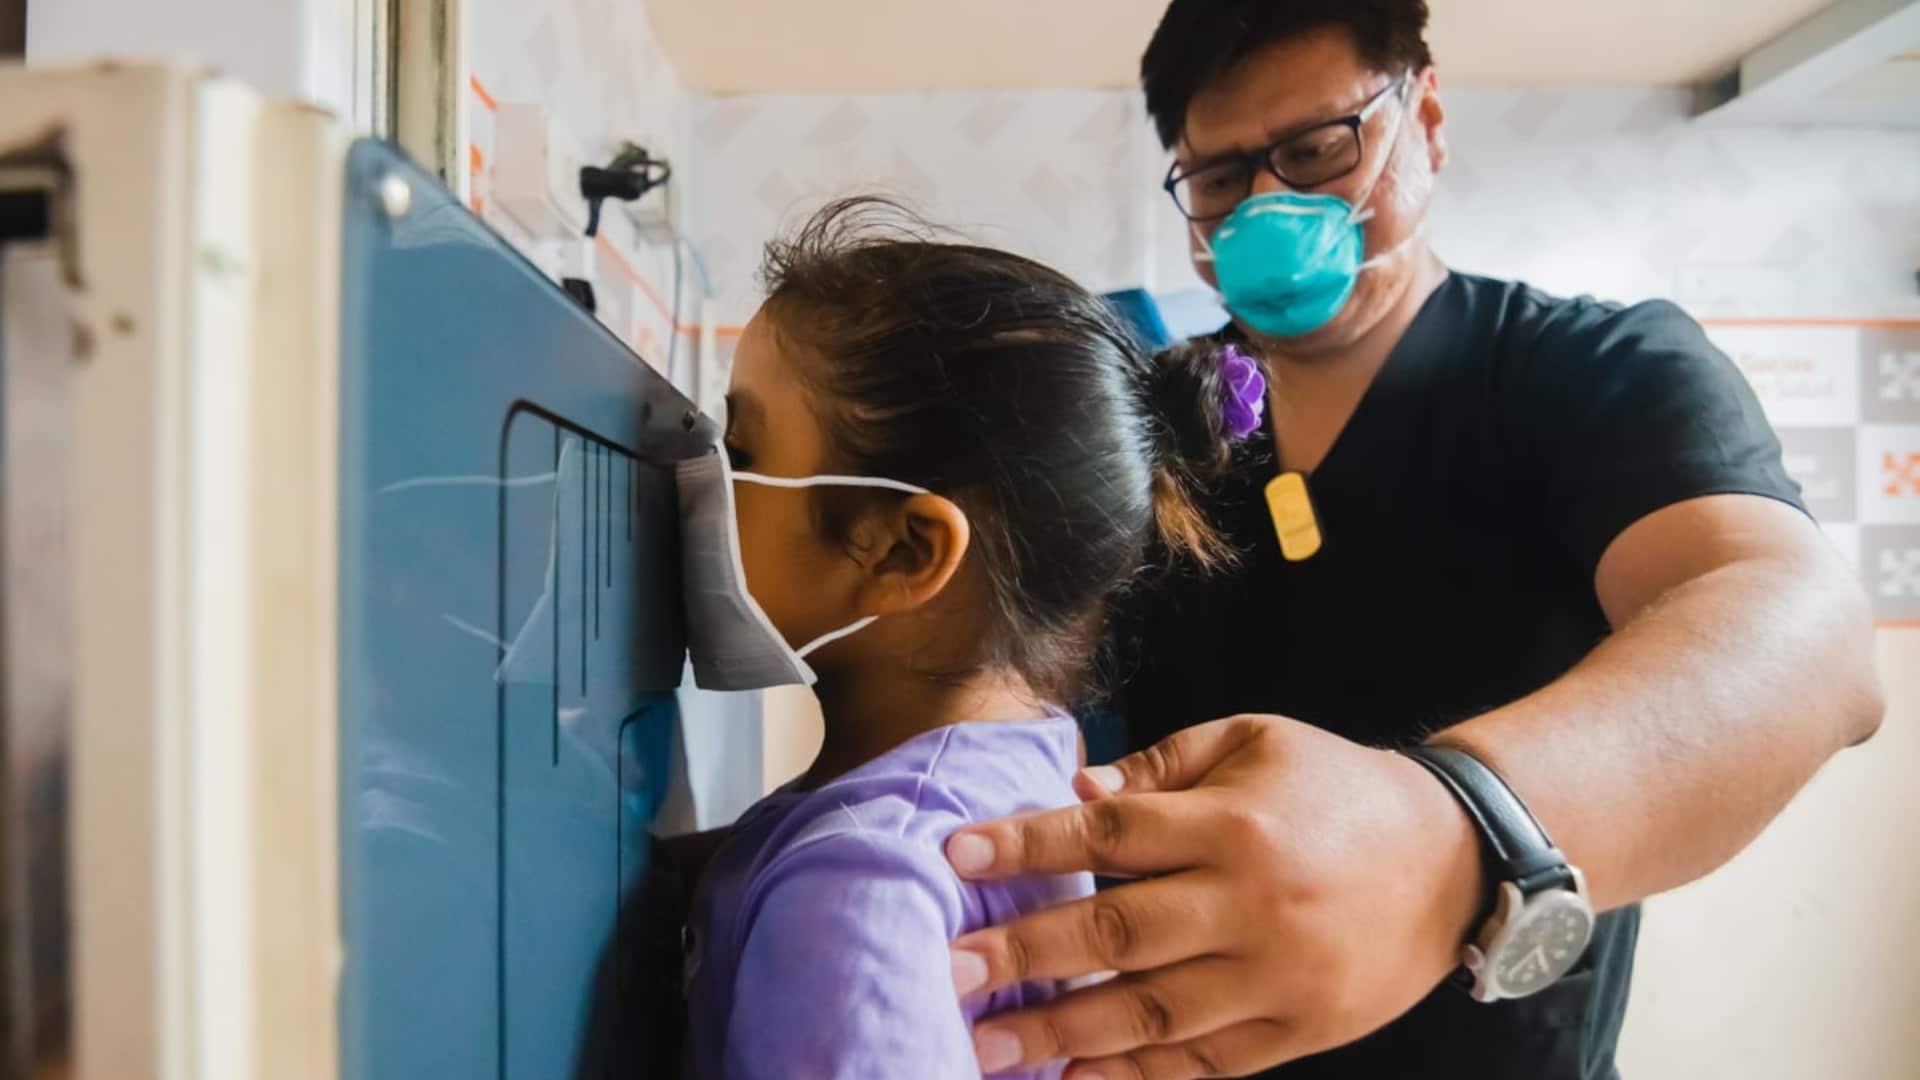 Tại cơ sở chẩn đoán và điều trị bệnh lao ở Peru. Ảnh: undark